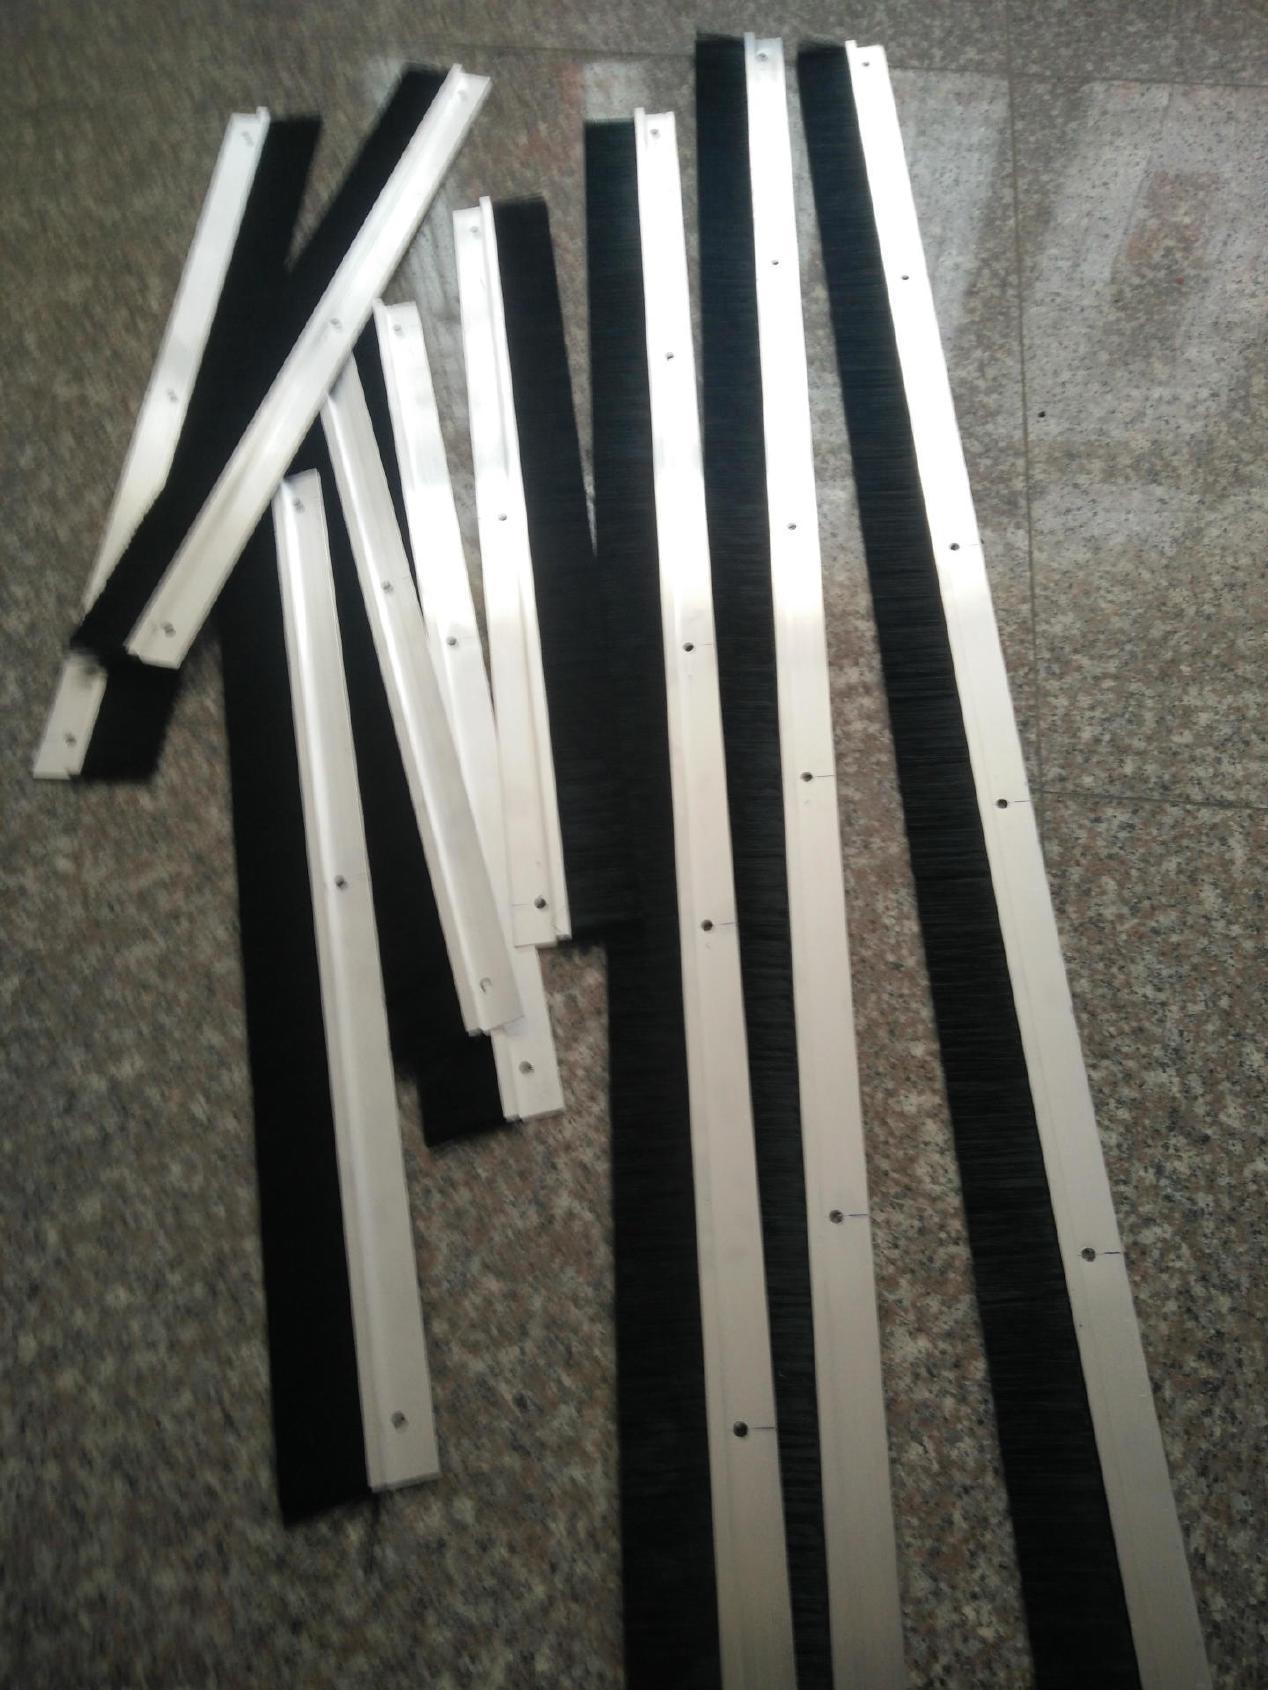 供应塑料条刷 铝合金条刷 不锈钢条刷 密封条刷